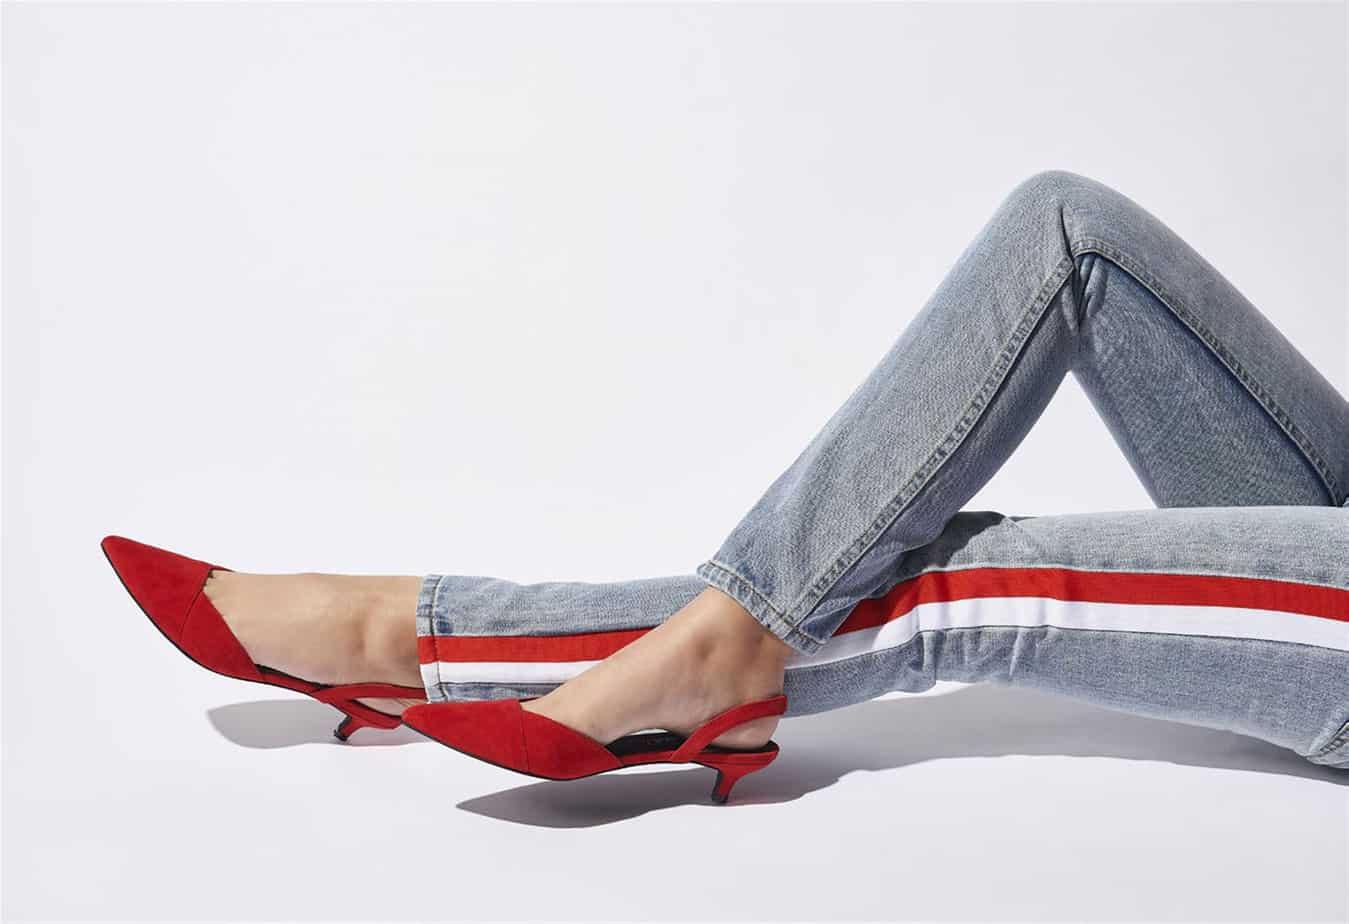 Sol-Sana-@-AKA-sling-backs-620-Ils.-Photo-SS-Studio-(1)Sol-Sana-@-AKA-sling-backs-620-Ils.-Photo-SS-Studio-(1)Fashion, fashion magazine, fashion articles, fashionisrael, fashion Israel, אופנה, מגזין אופנה, כתבות אופנה, חדשות אופנה